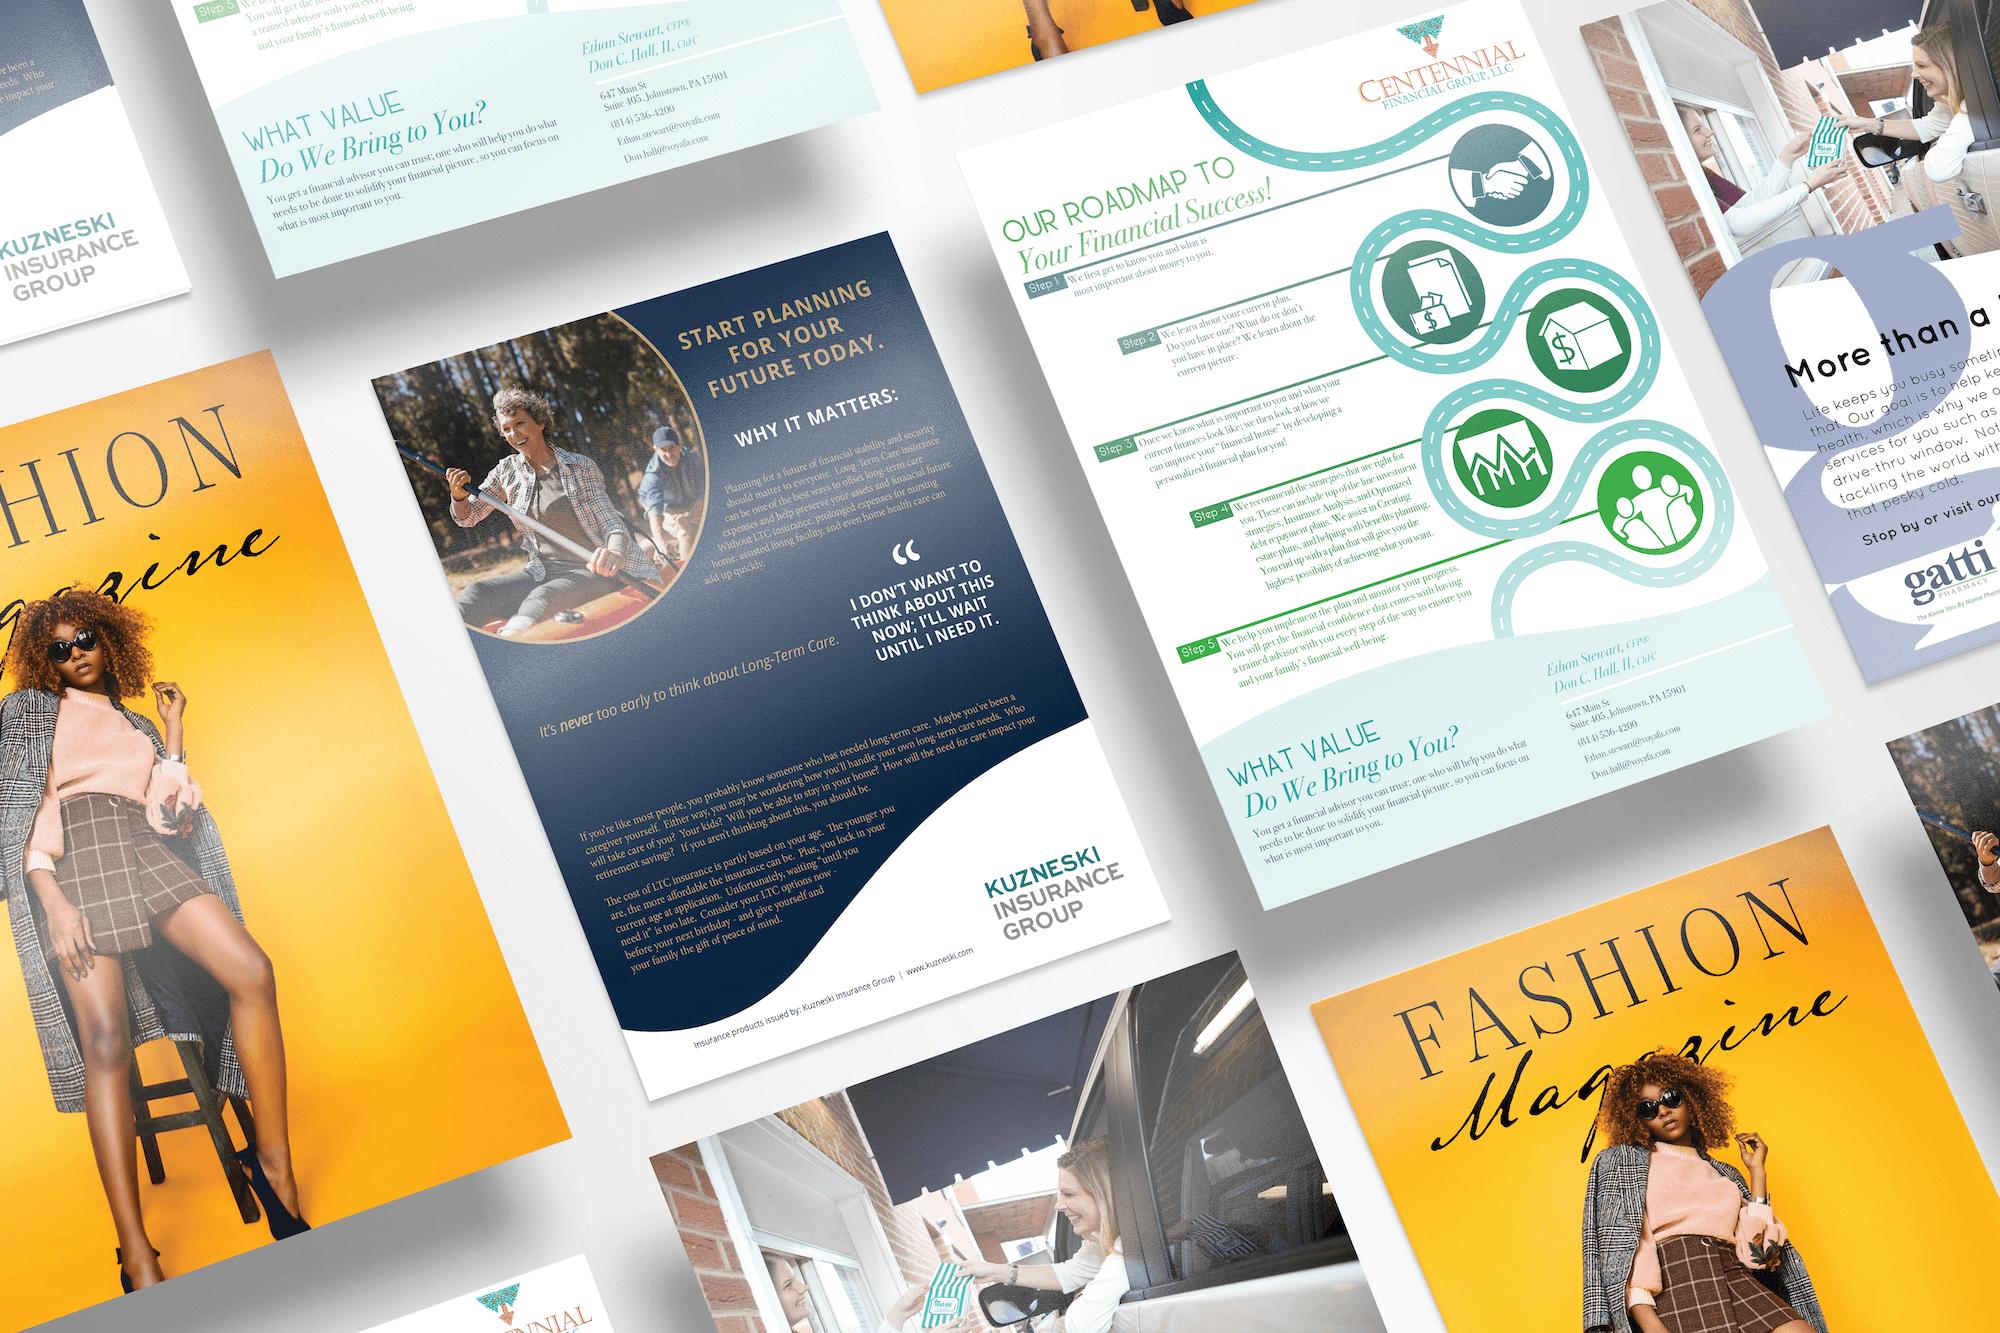 JC Design and Media flyer design